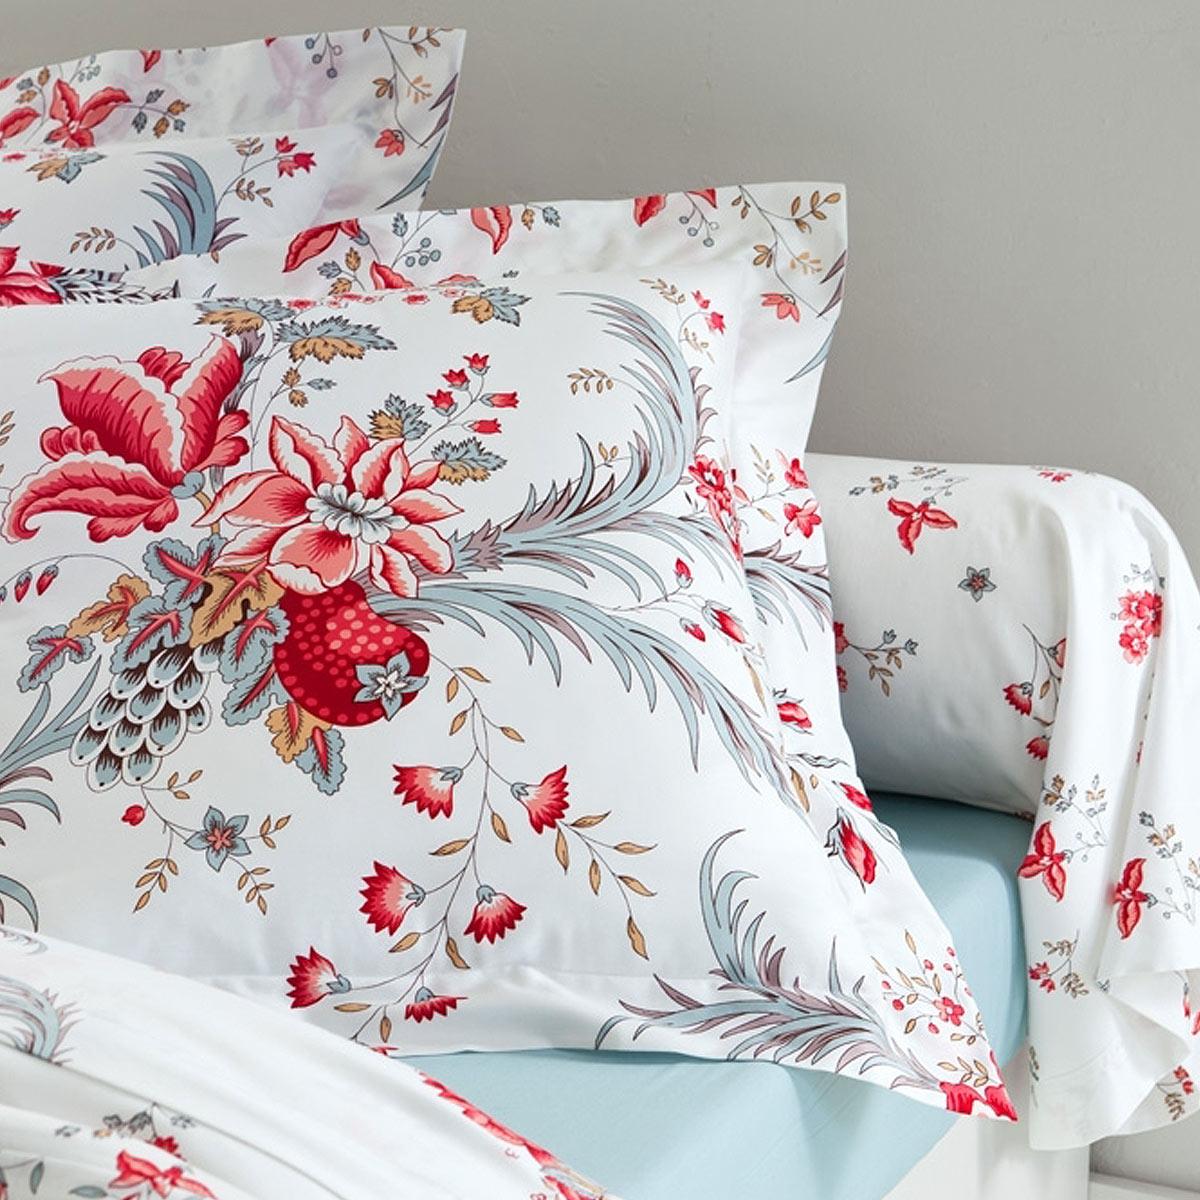 parure housse de couette edwige linge de maison de qualit tradition des vosges. Black Bedroom Furniture Sets. Home Design Ideas